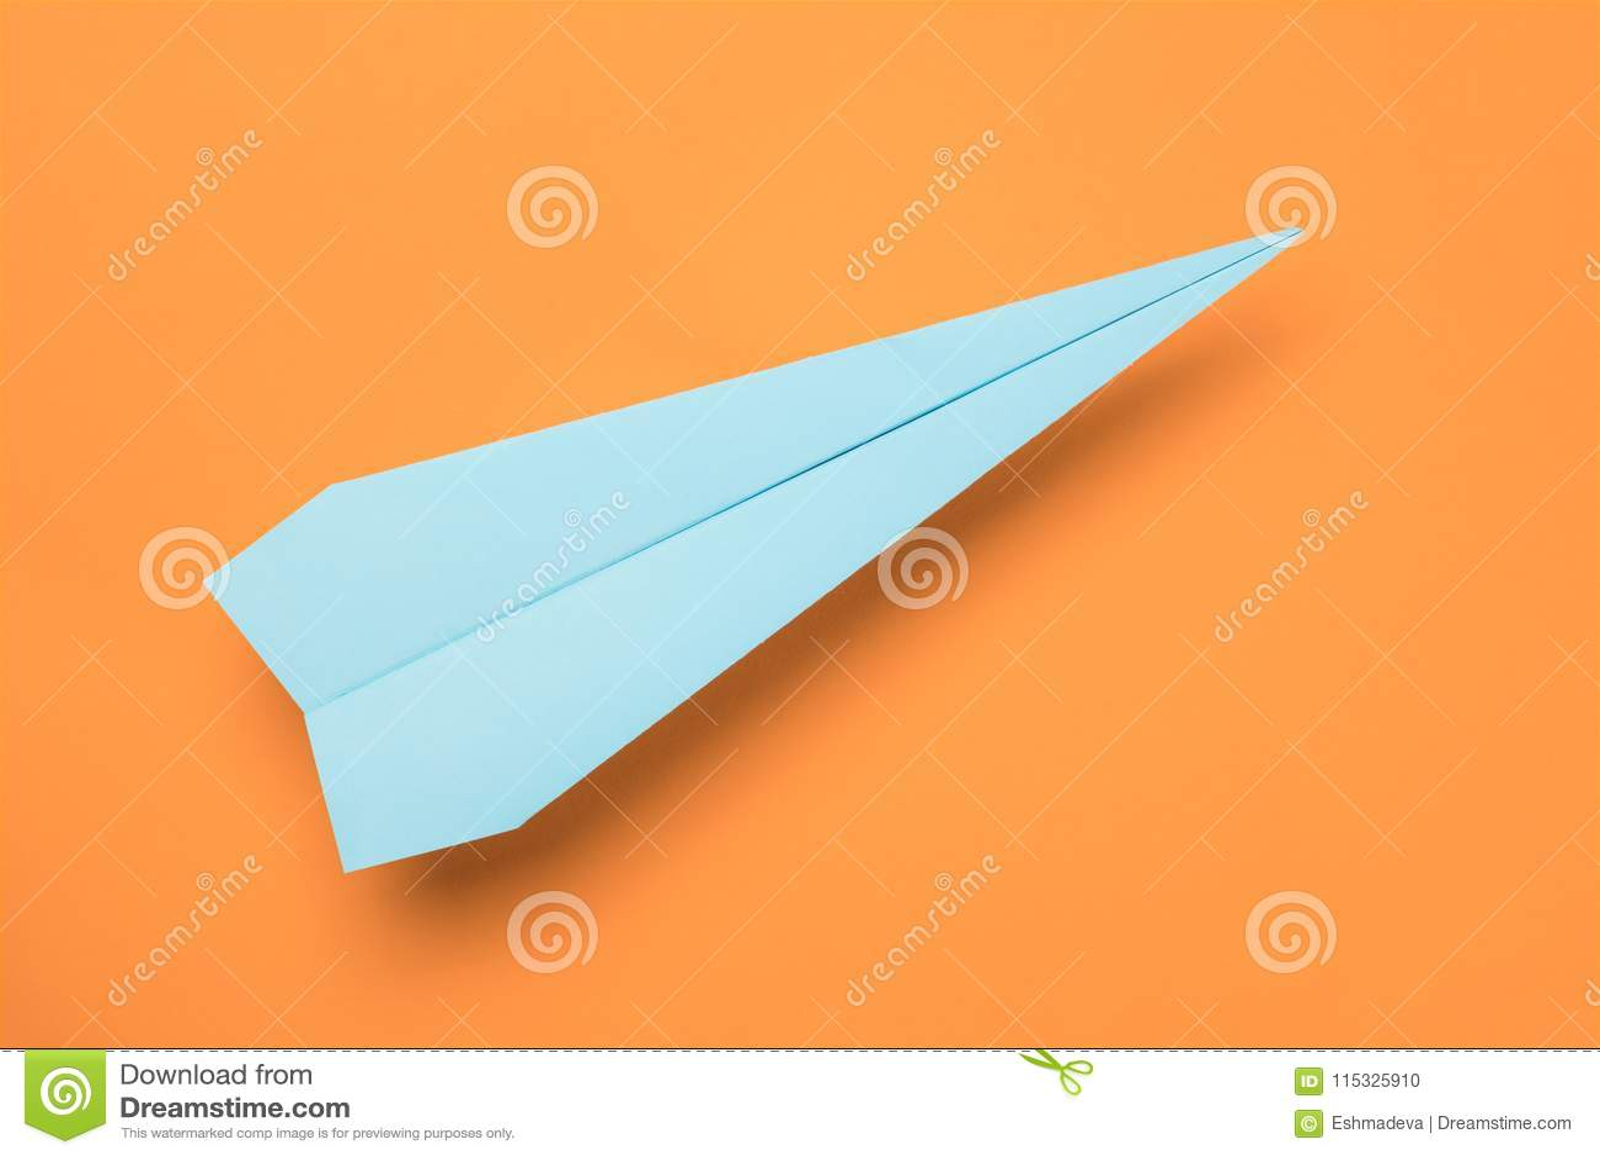 Plano do papel azul na laranja